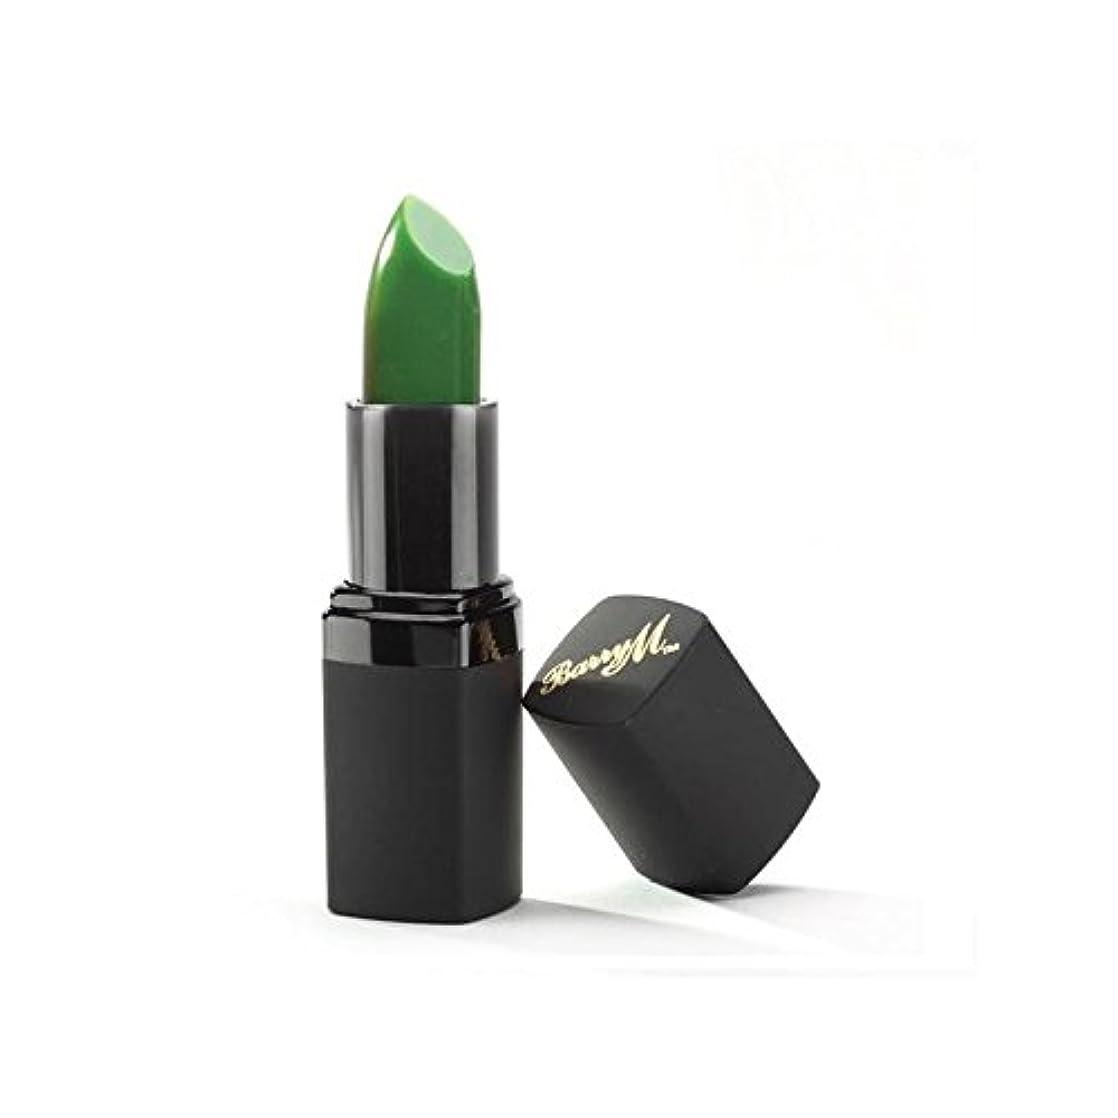 決めます内陸ベンチBarry M Lip Genie Lipstick (Pack of 6) - バリーメートルリップ精霊の口紅 x6 [並行輸入品]